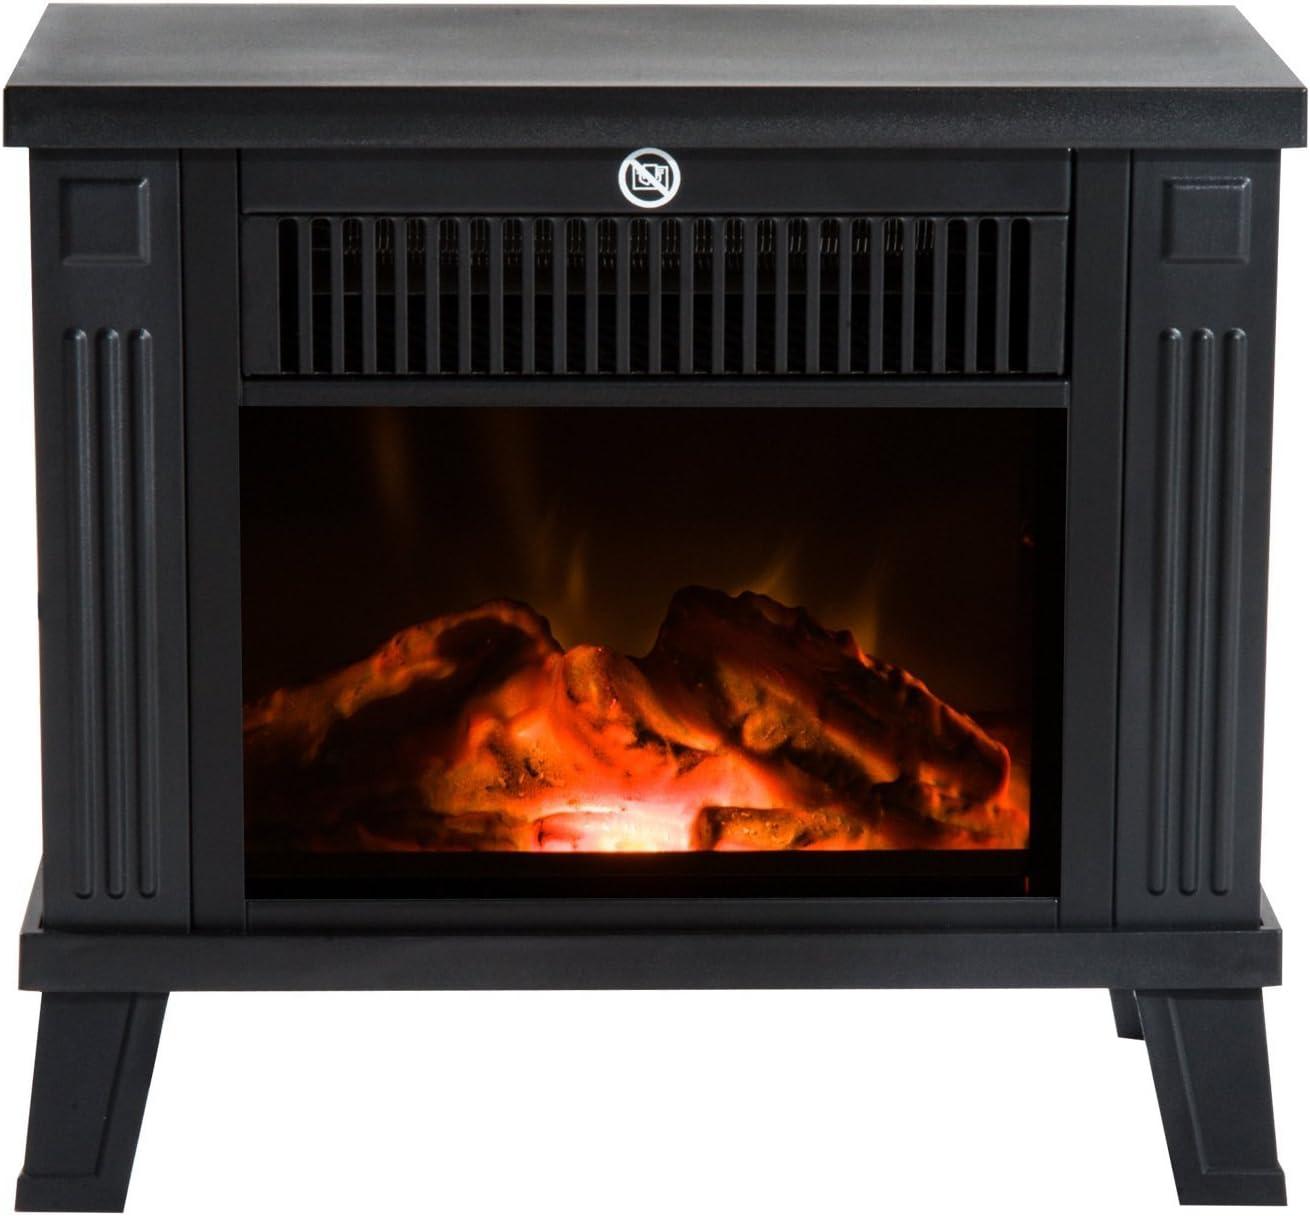 HOMCOM Chimenea Eléctrica Calefactor Tipo Estufa de Pie con Efecto de Leña Ardiendo 600W/1200W 38.5x22x30.5cm Metal Negro